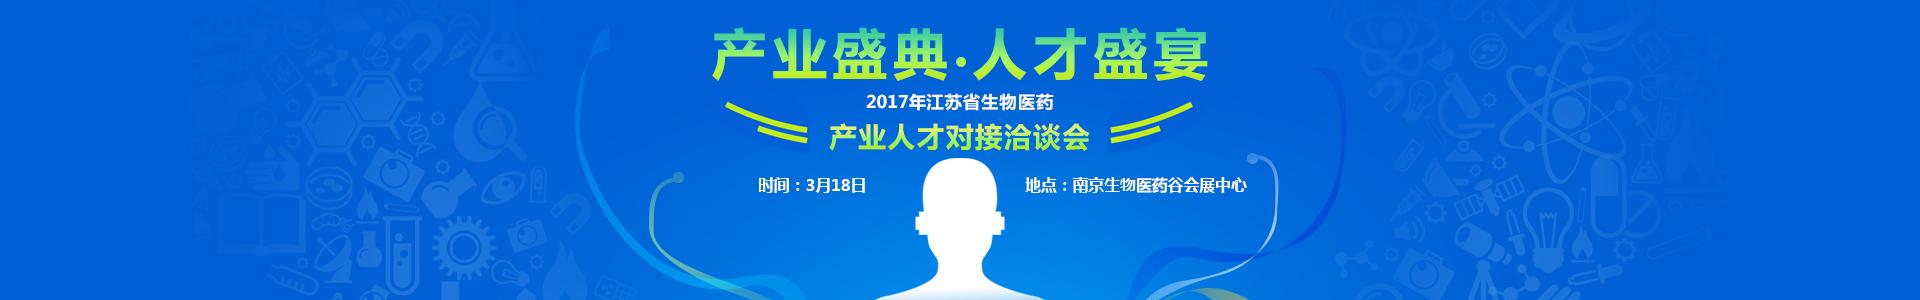 2017生物医药专场